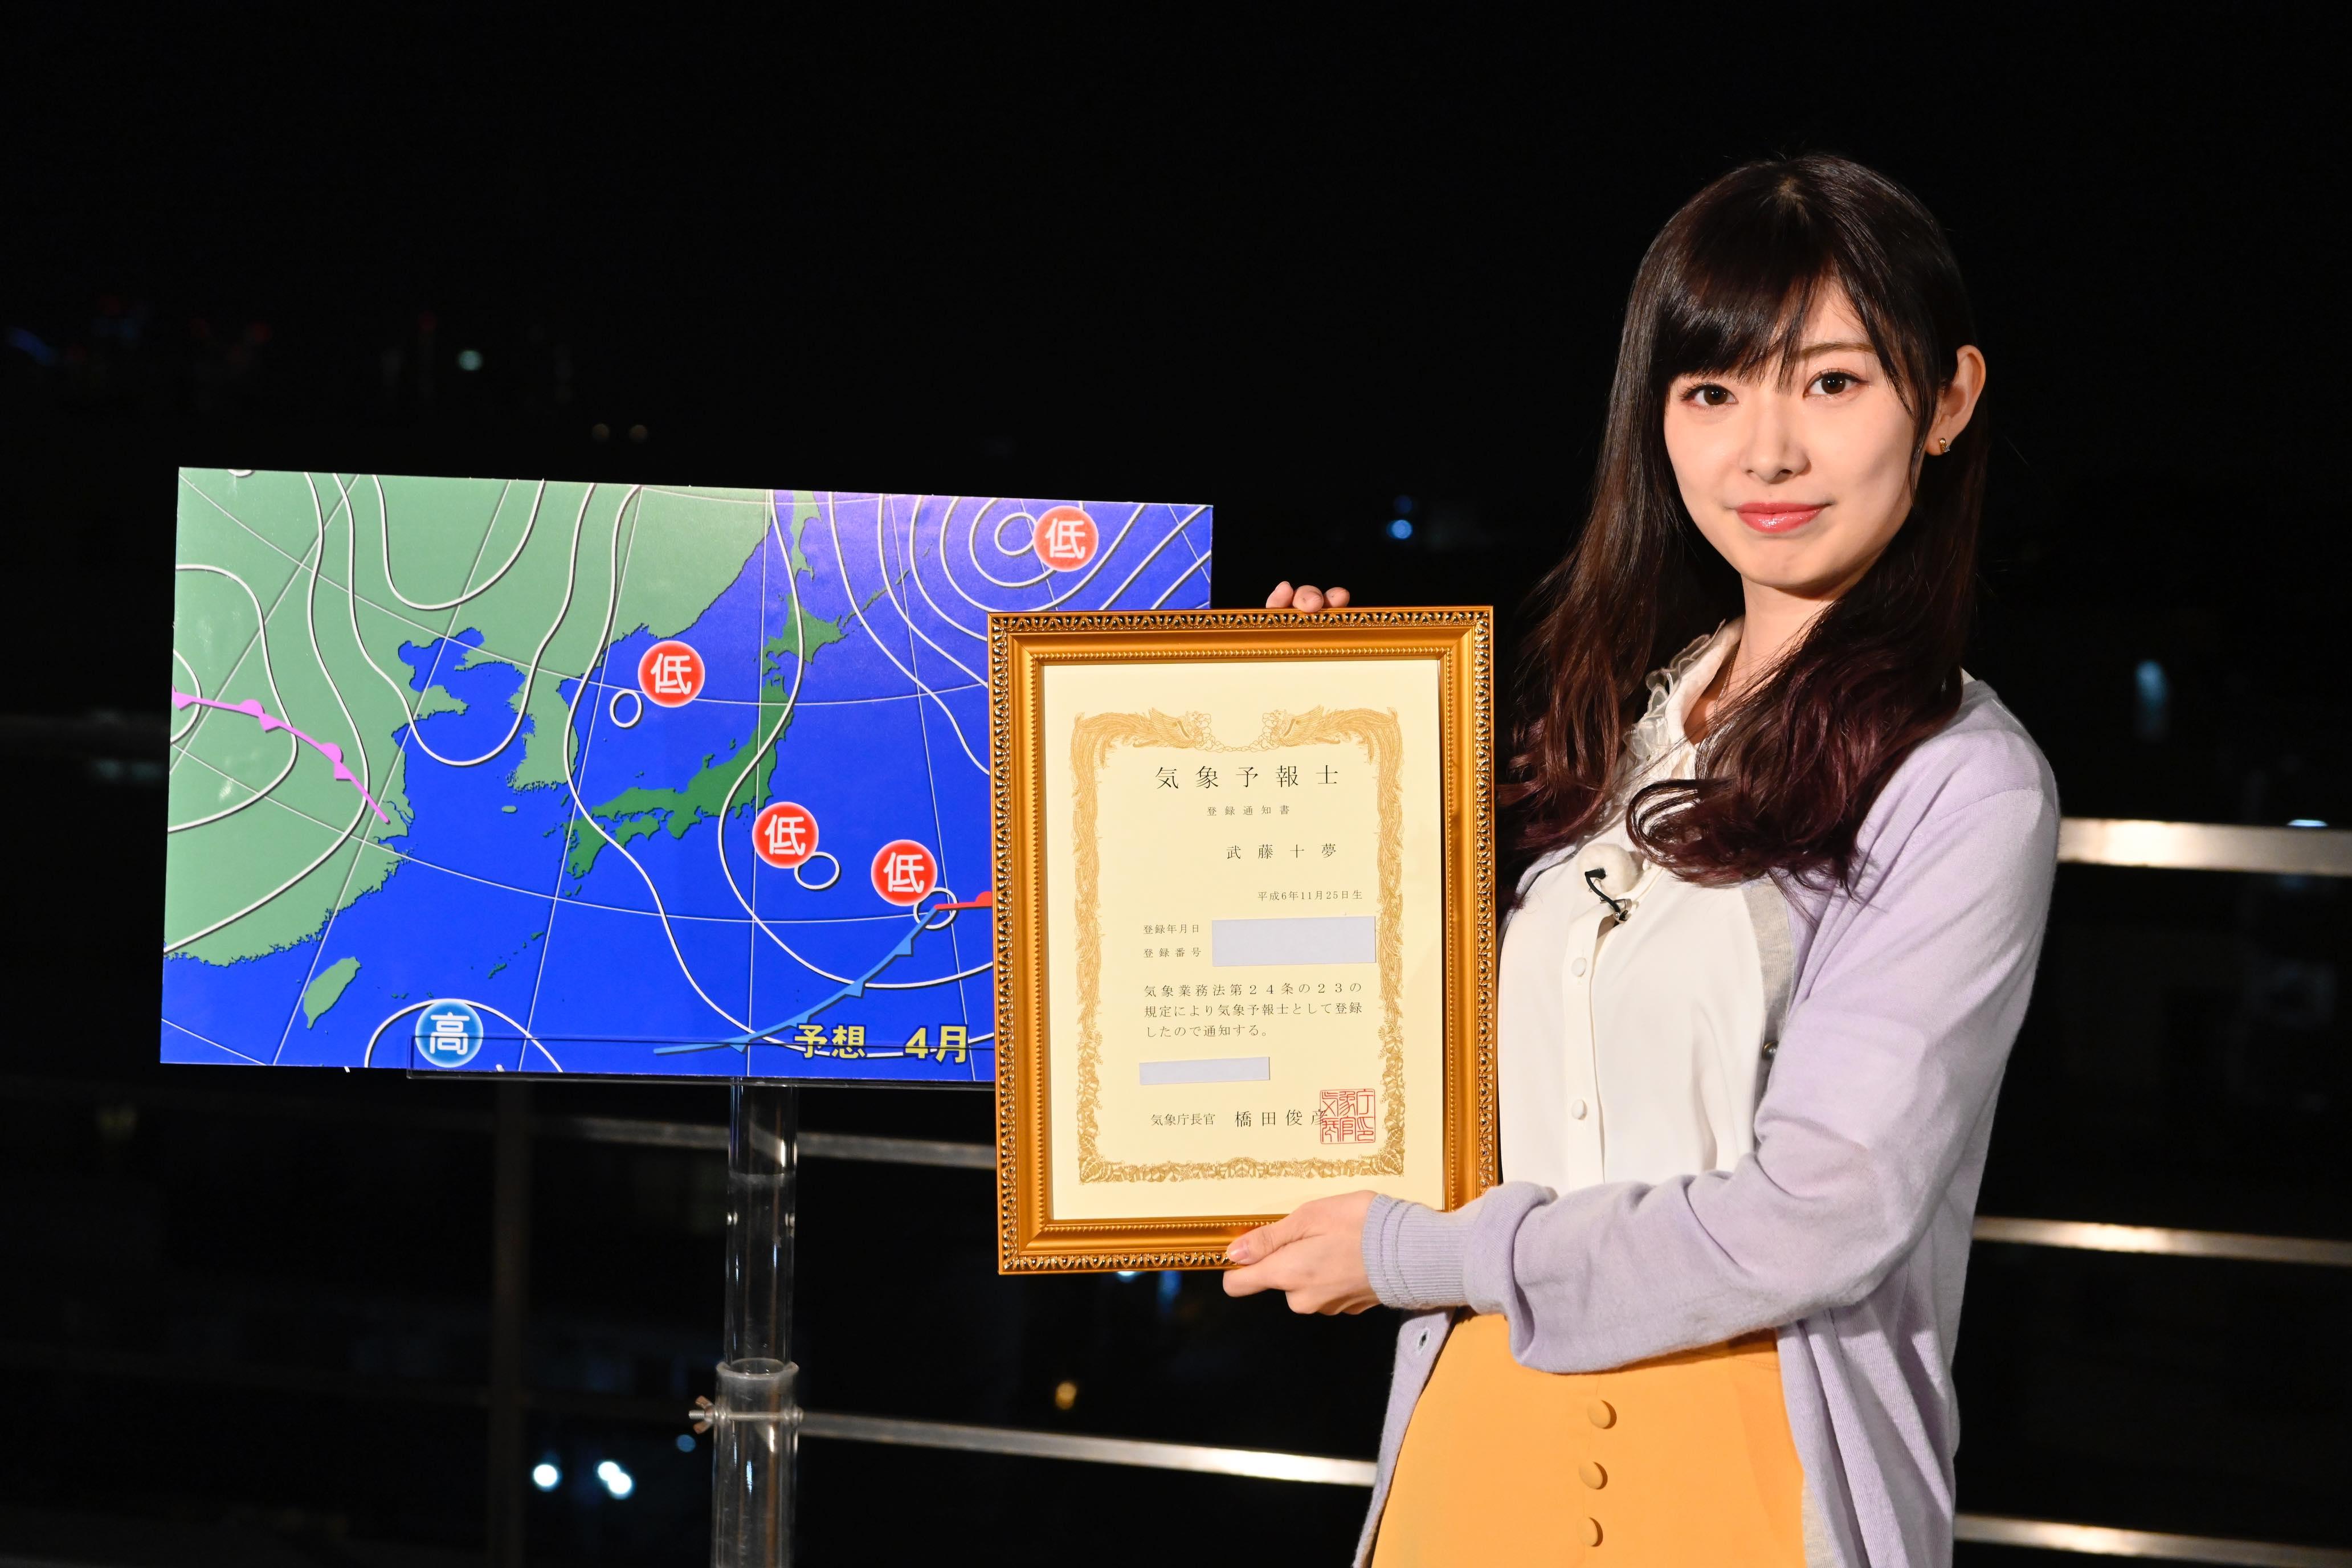 AKB48武藤十夢が「気象予報士」資格試験に合格!の画像002